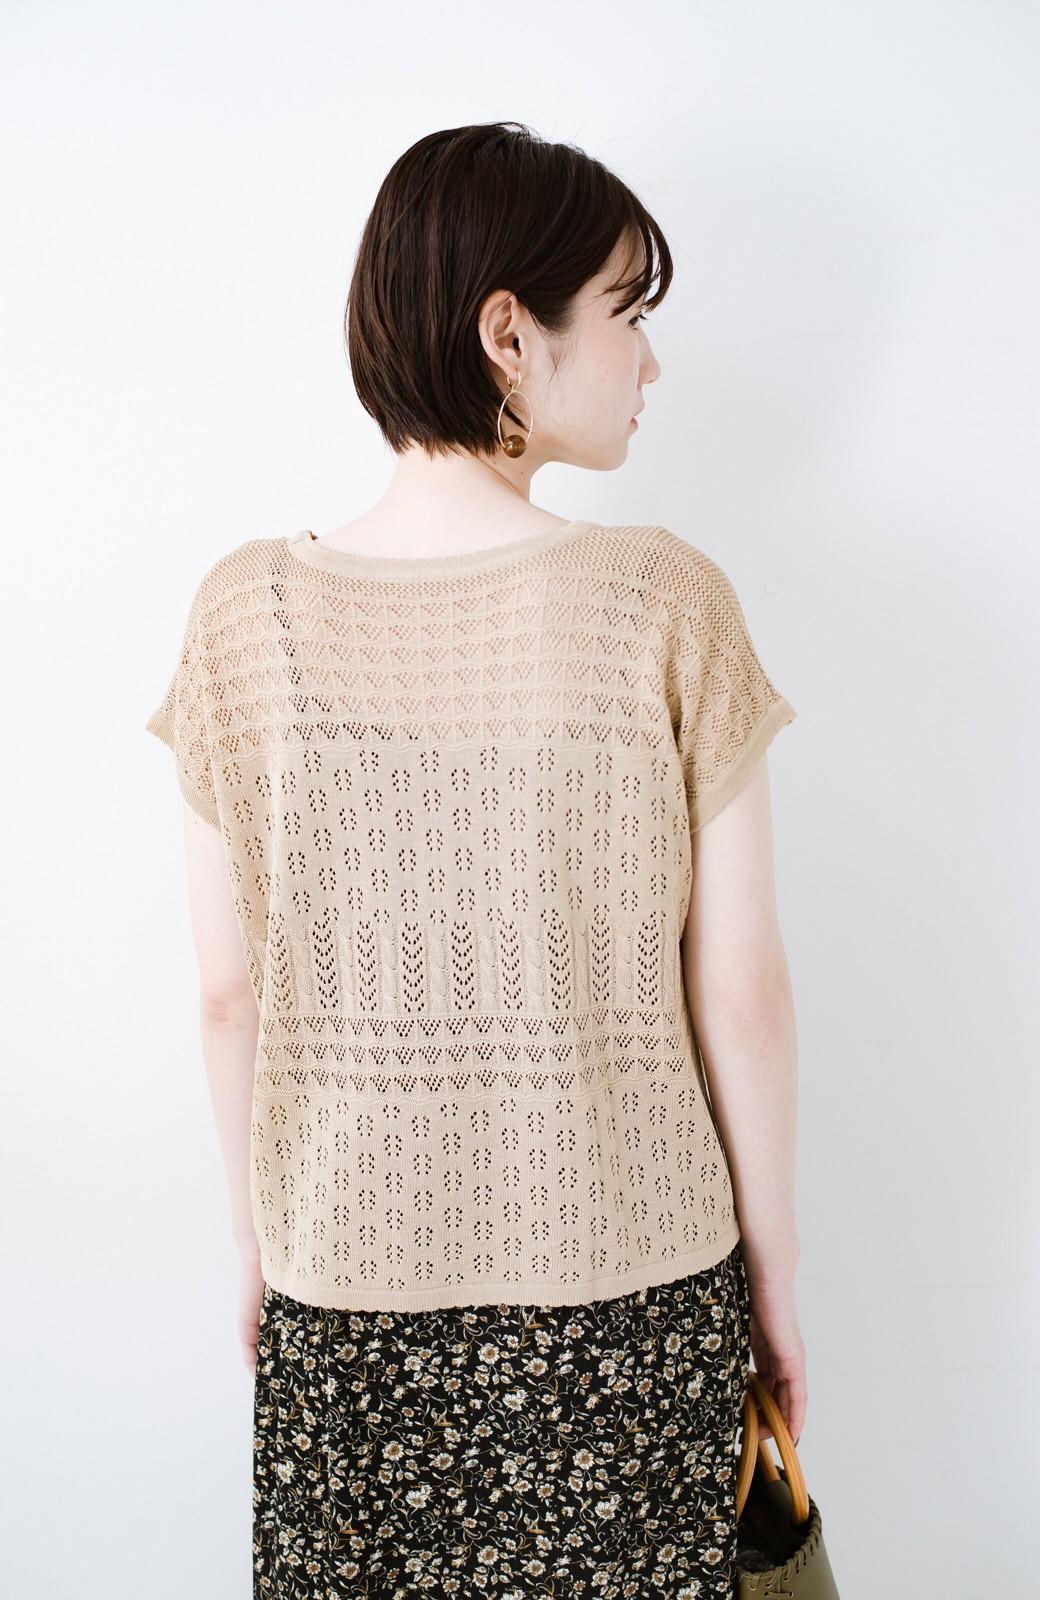 haco! 1枚でも重ね着にも便利なヘビロテしたくなる透かし編みニットトップス <ライトブラウン>の商品写真12